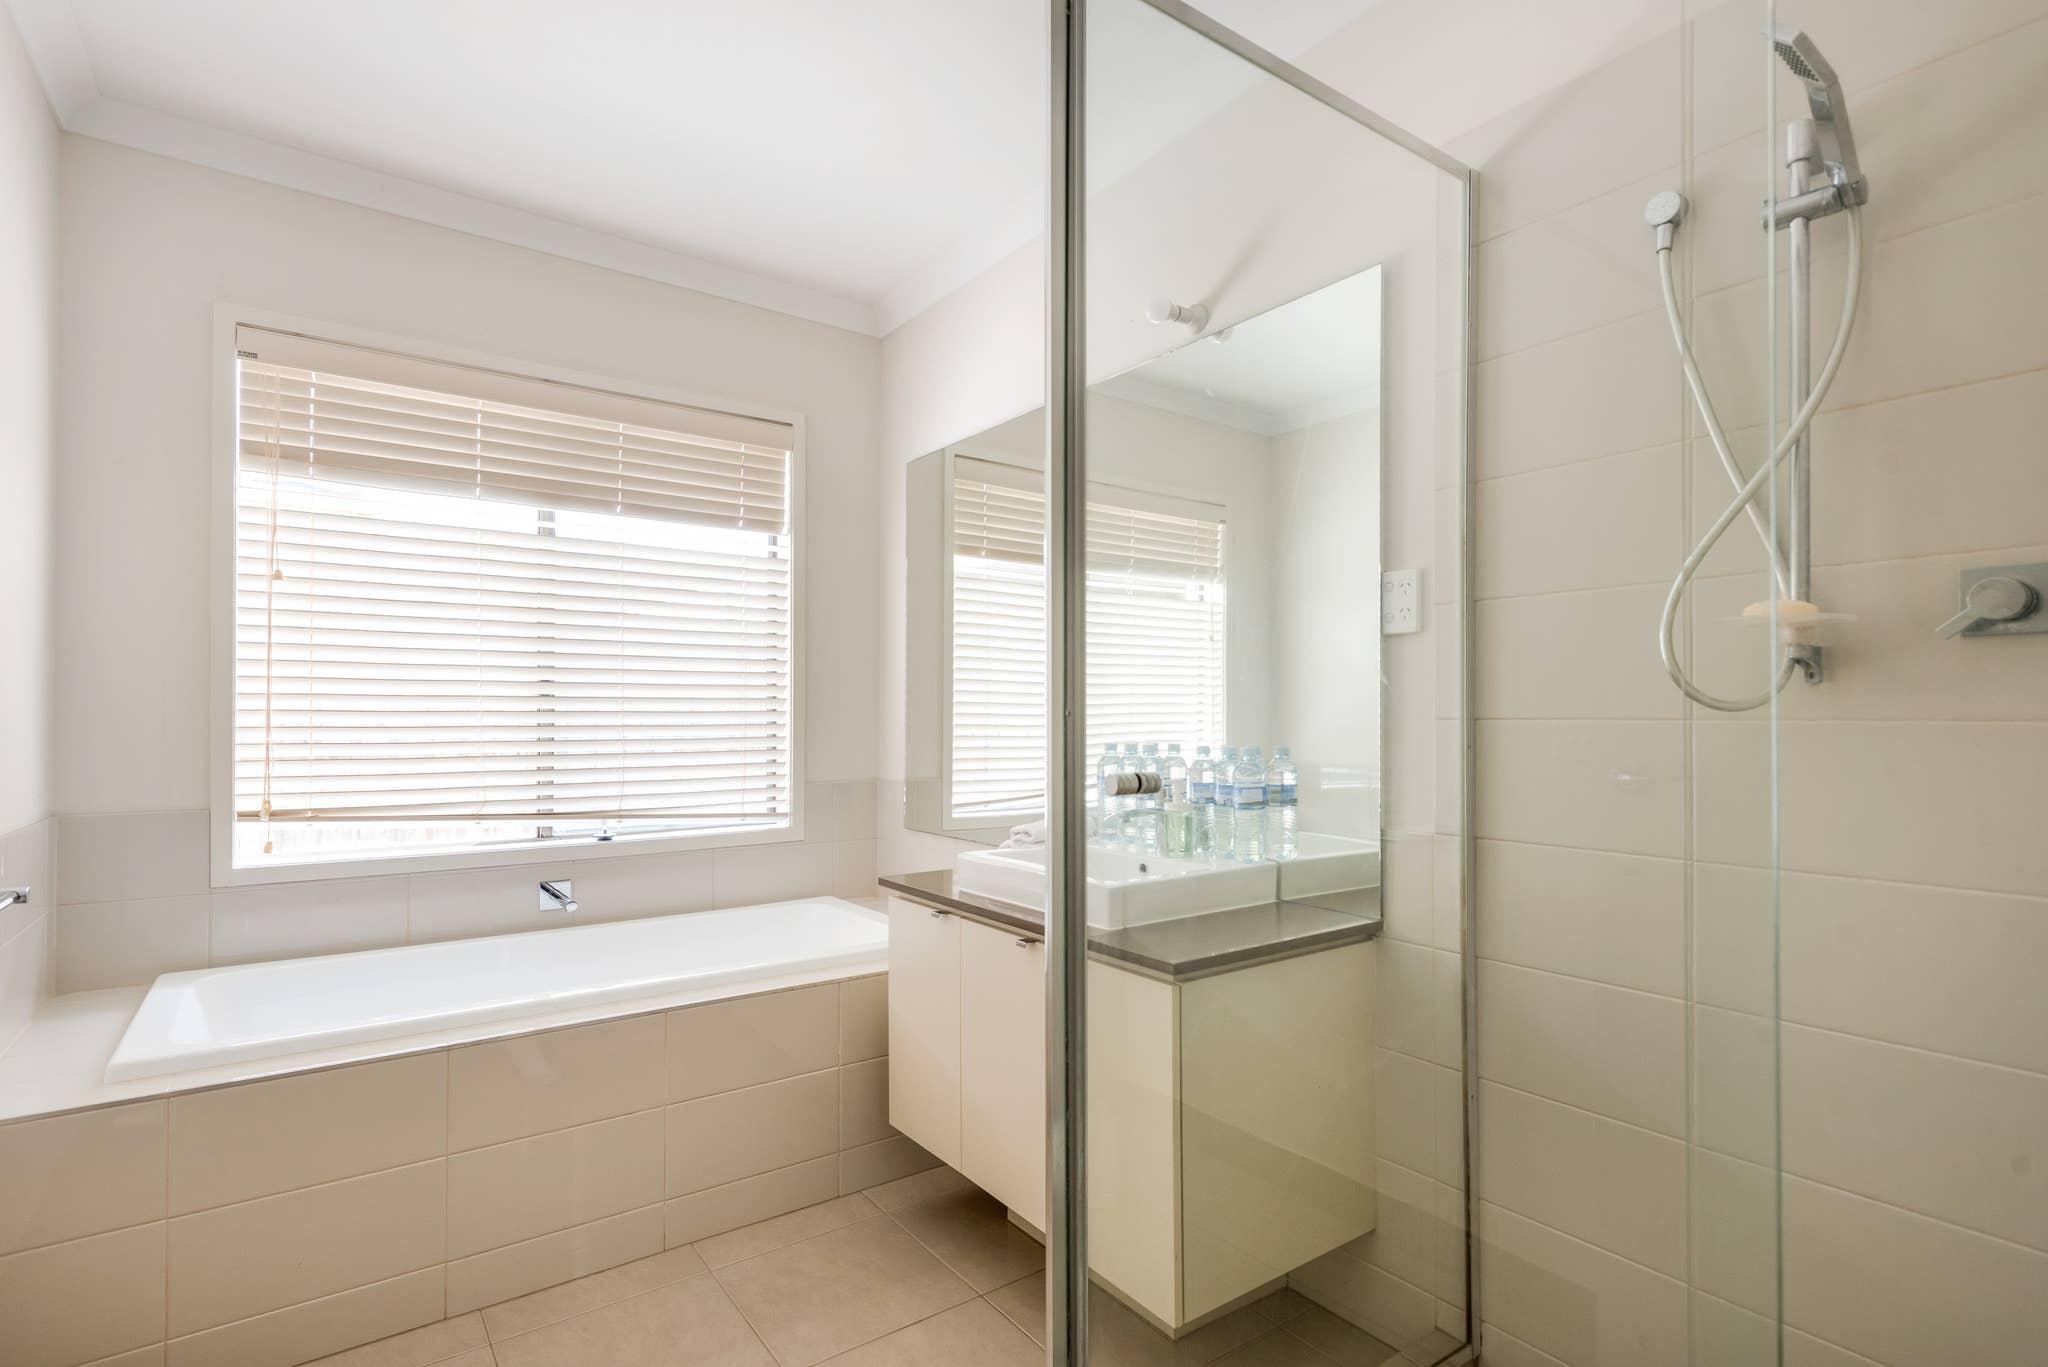 Ferienhaus 5br Luxushaus 20 Min bis Cbd Gerumiges Wohnen (2704199), Point Cook, , Victoria, Australien, Bild 20